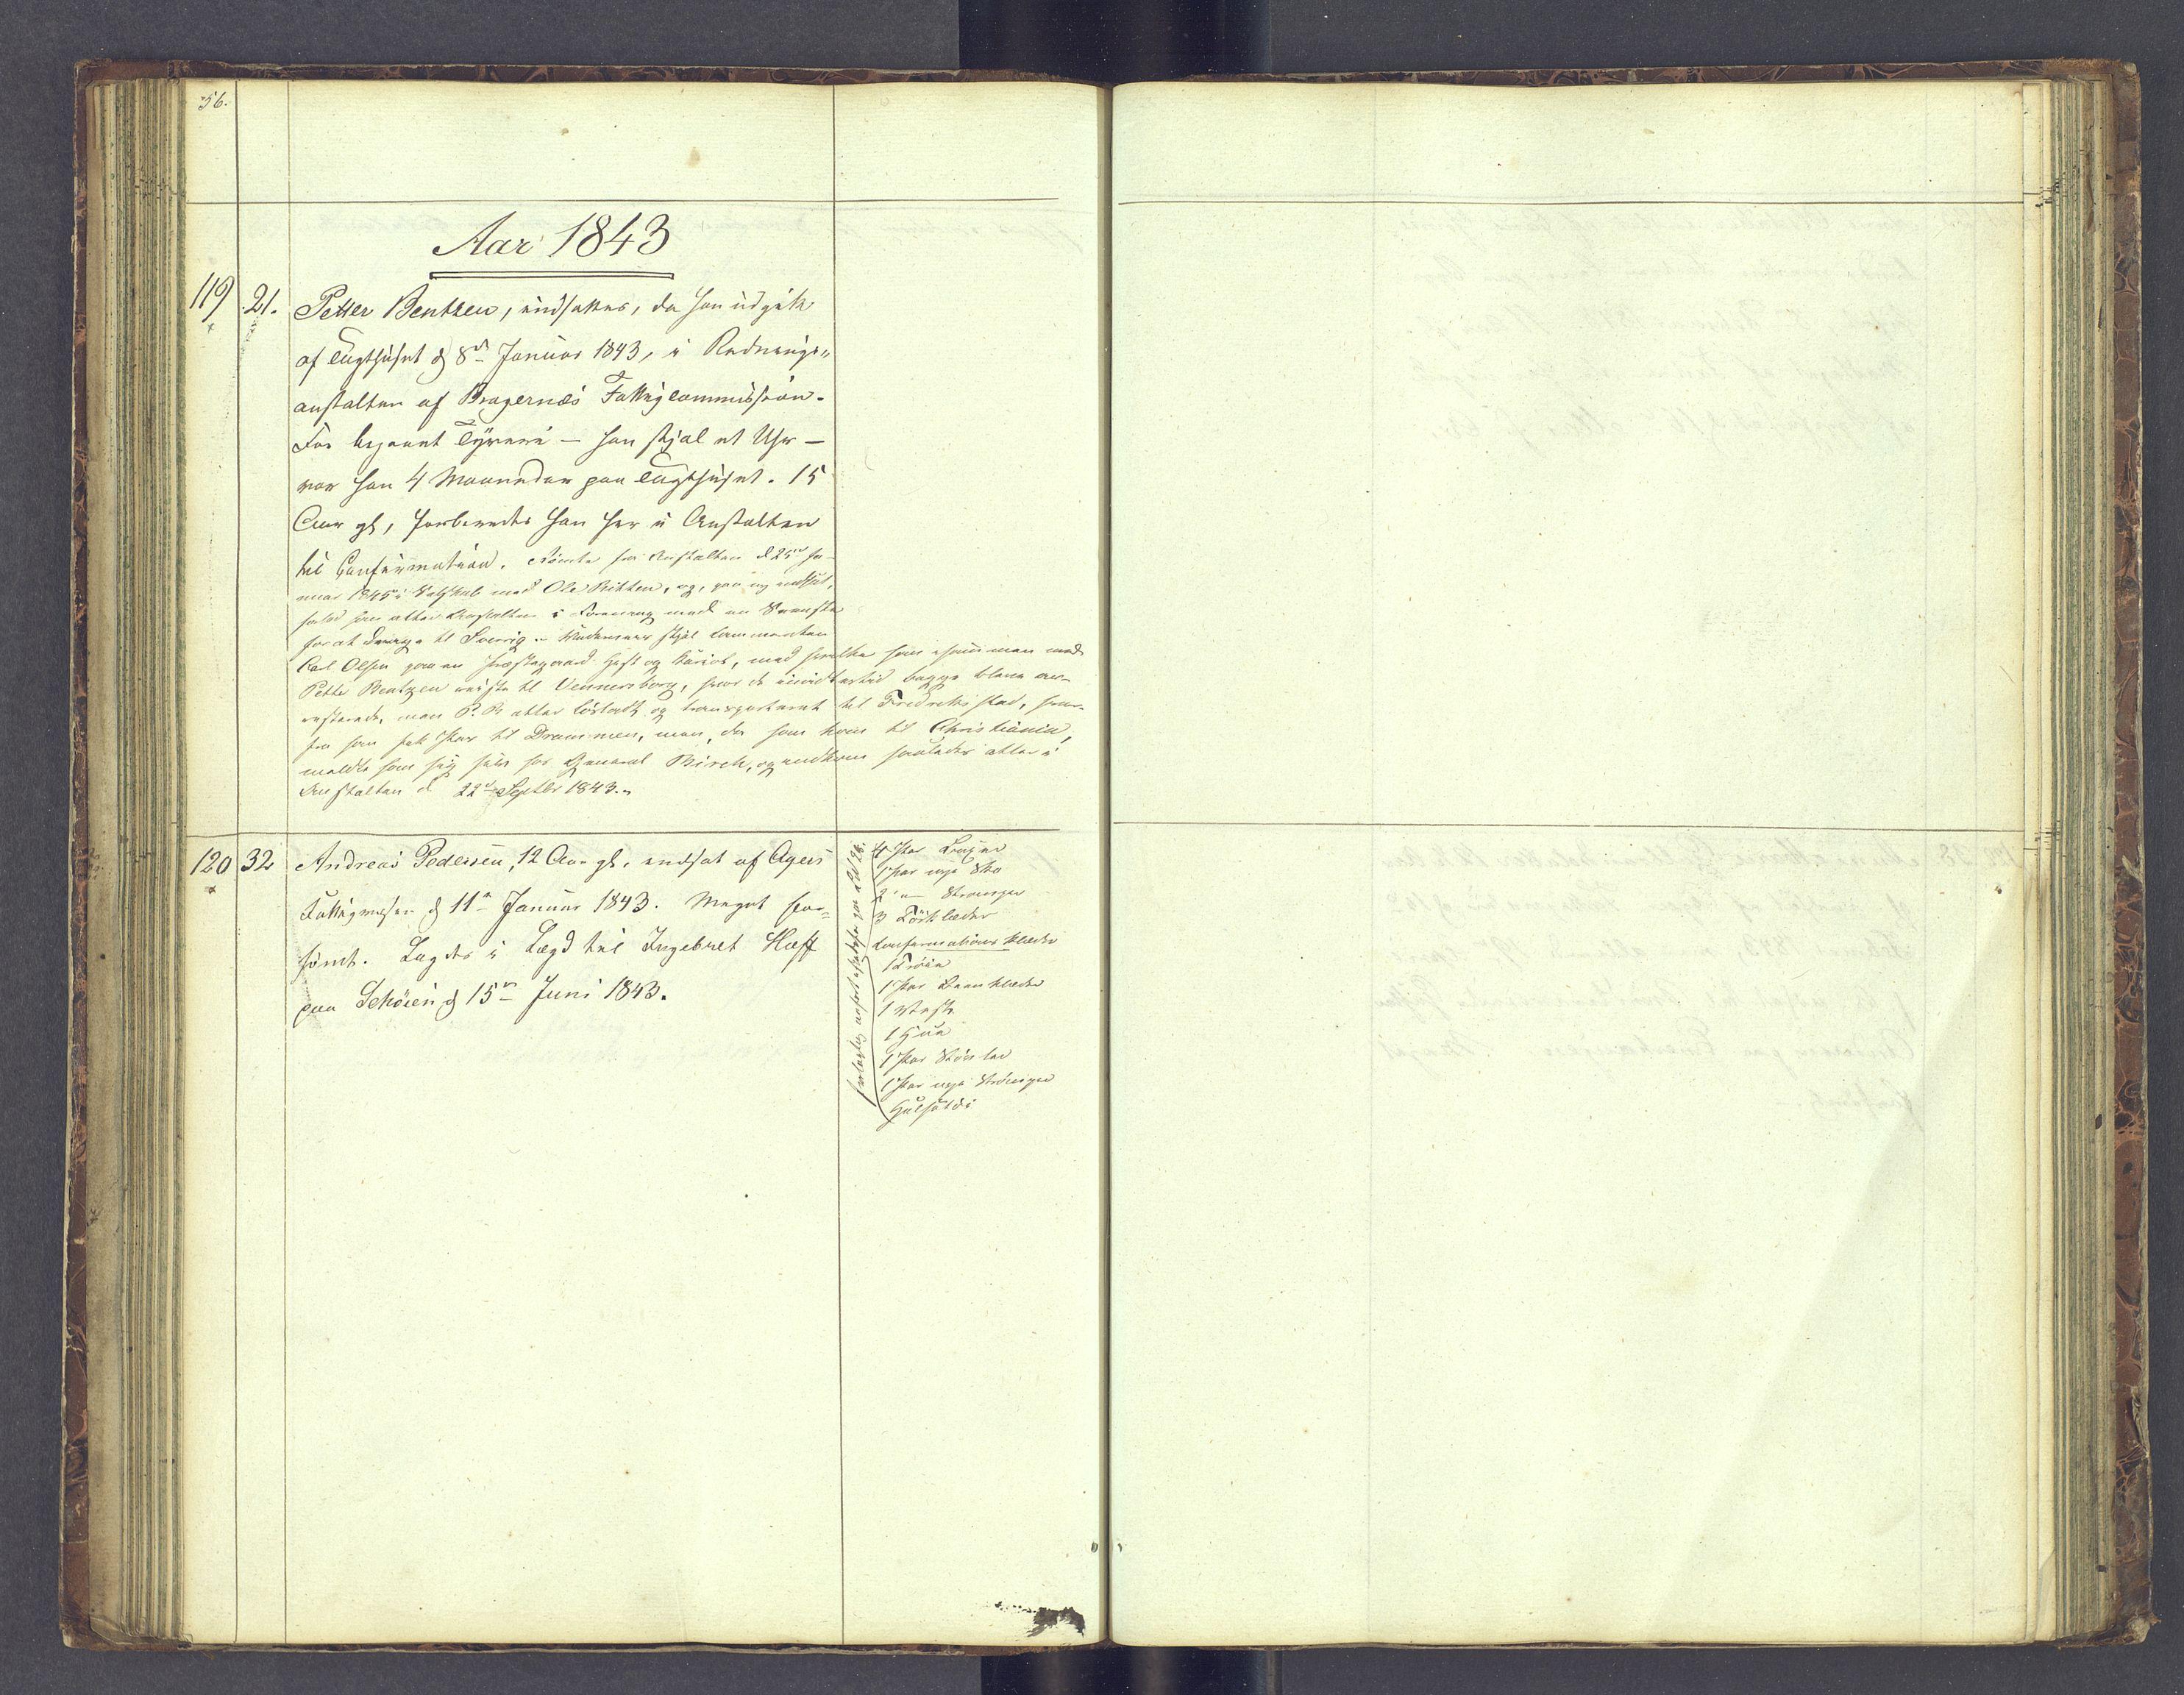 SAH, Toftes Gave, F/Fc/L0001: Elevprotokoll, 1841-1847, s. 56